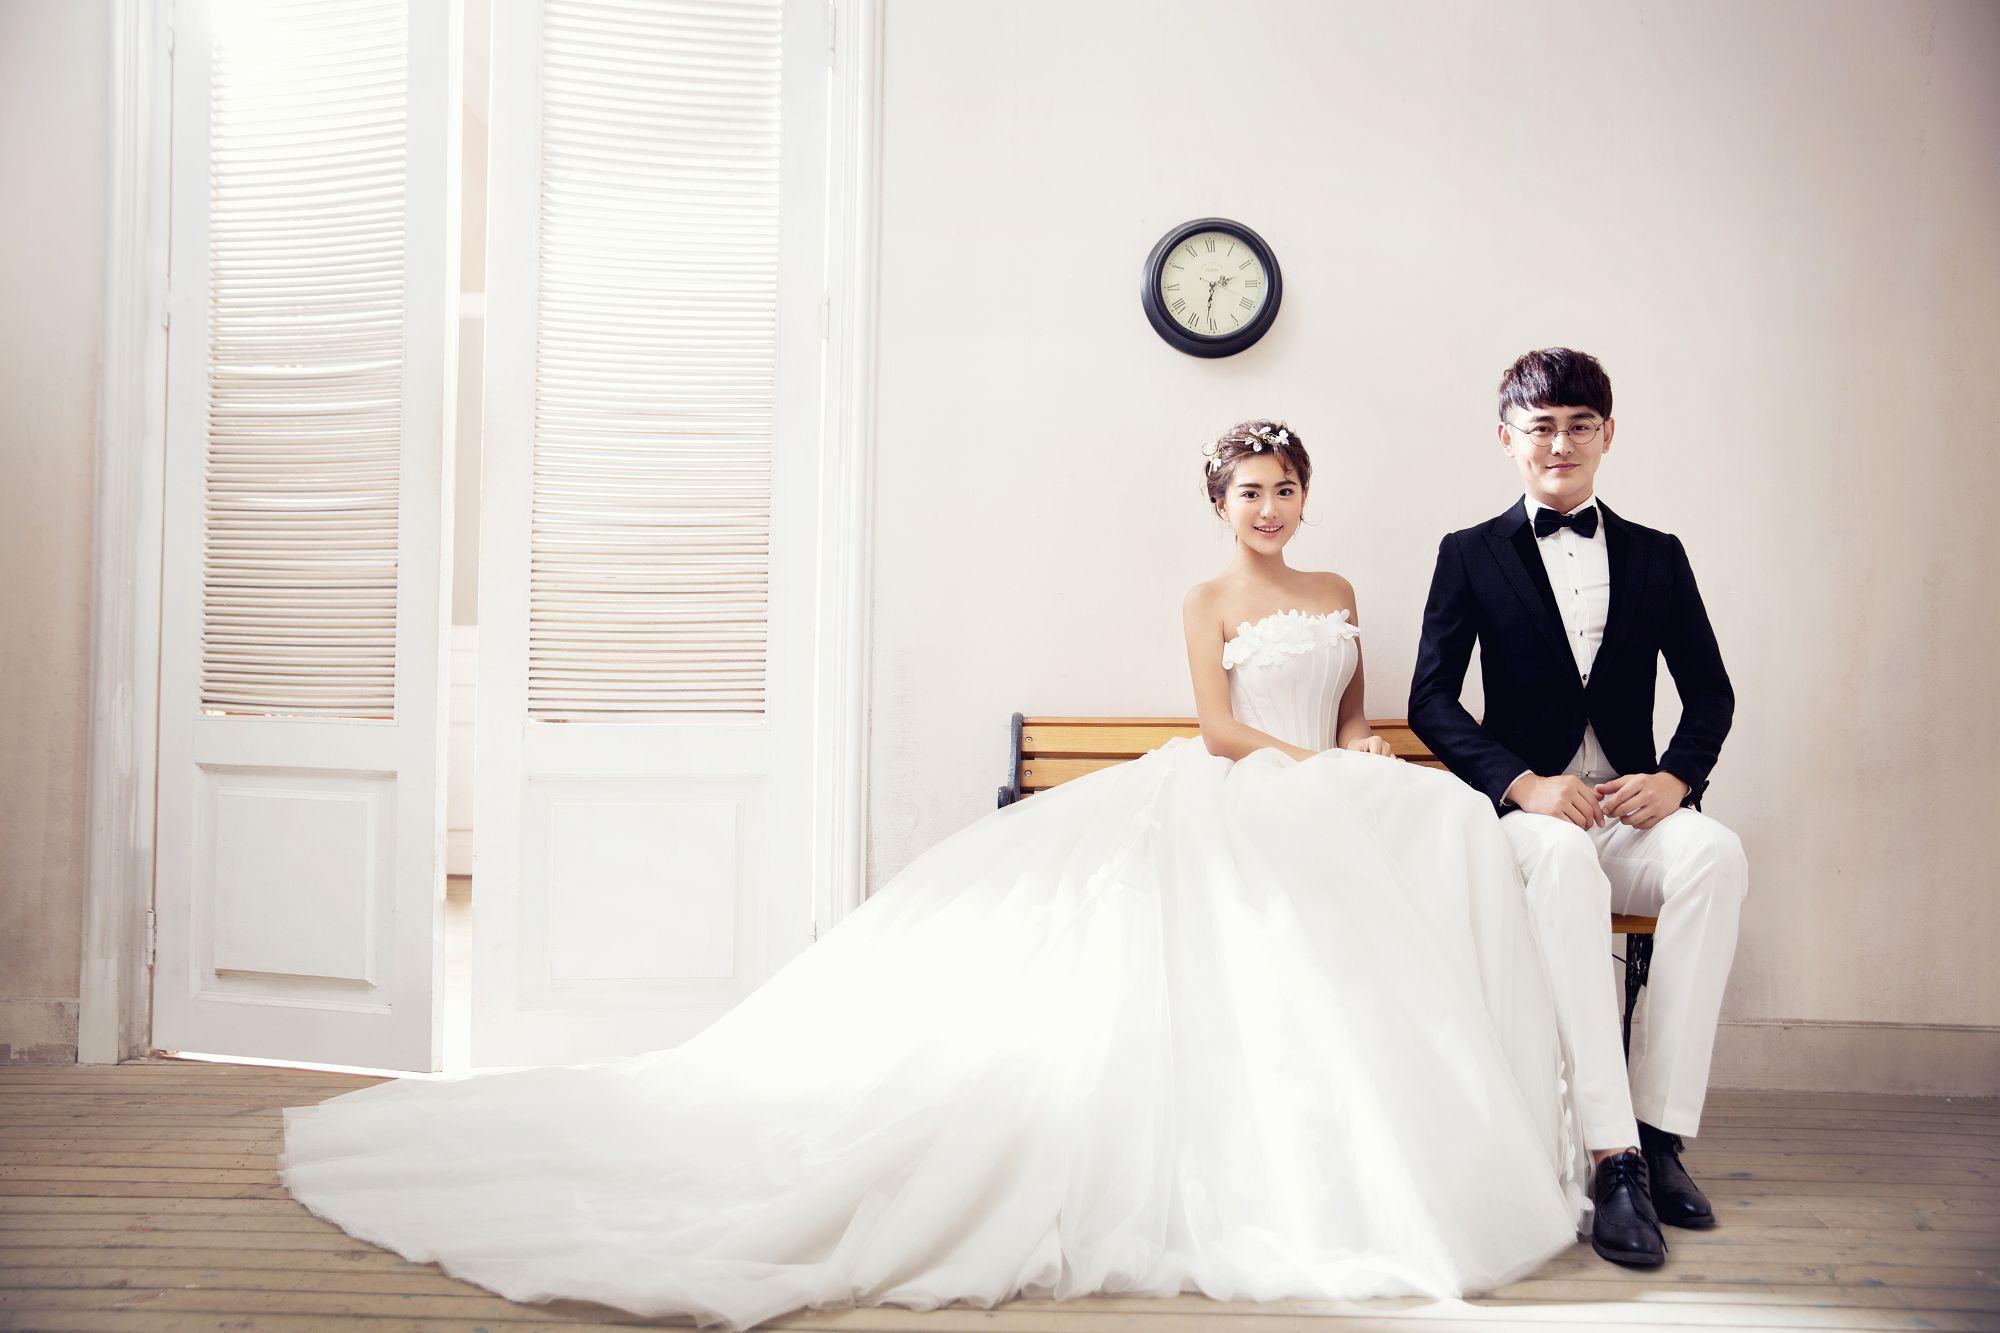 婚礼接待宾客流程,这些礼节新人一定要注意哦!